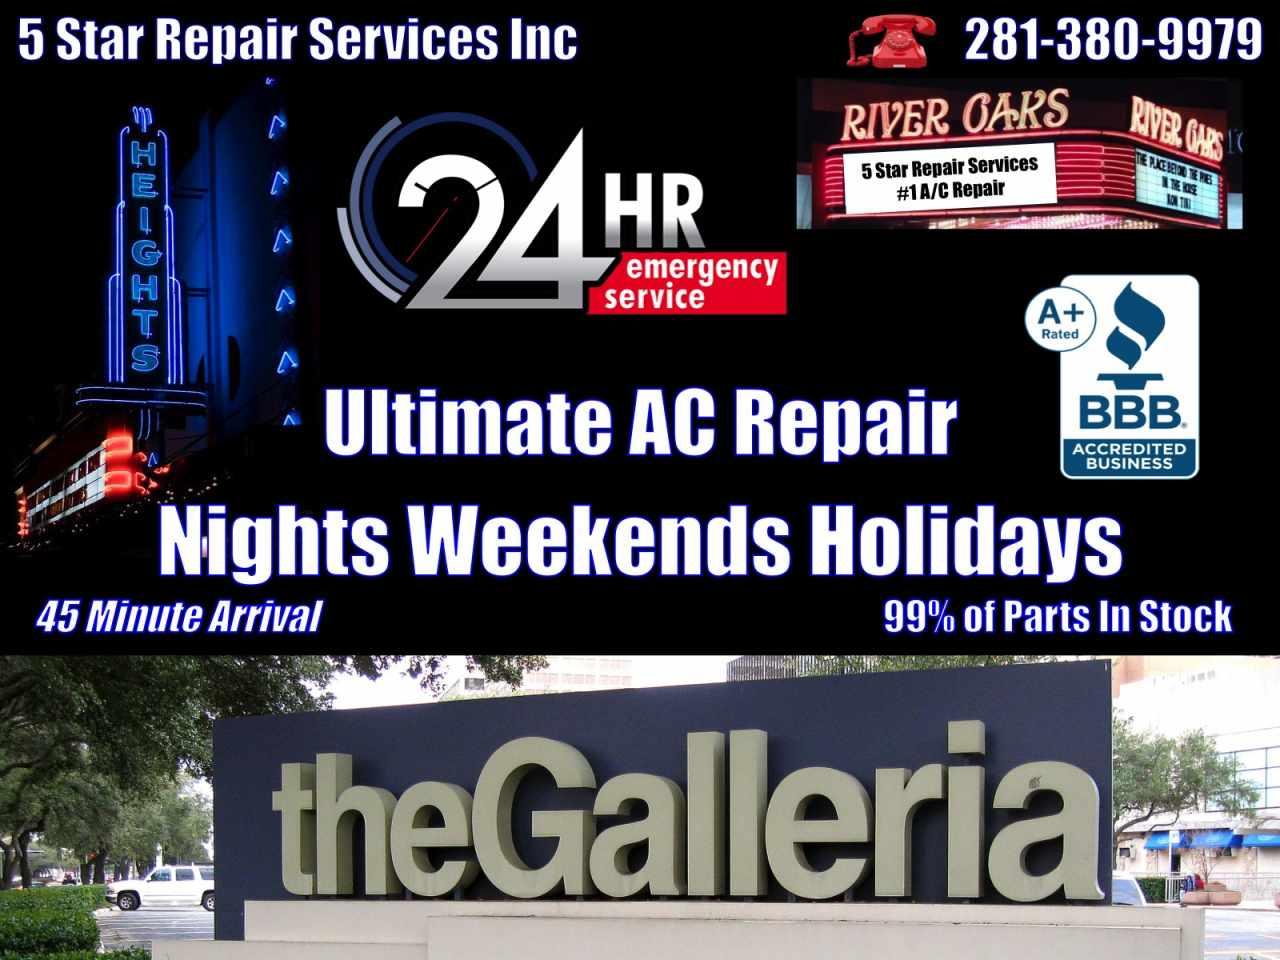 galleria tx 77056 - 24 hour ac repair